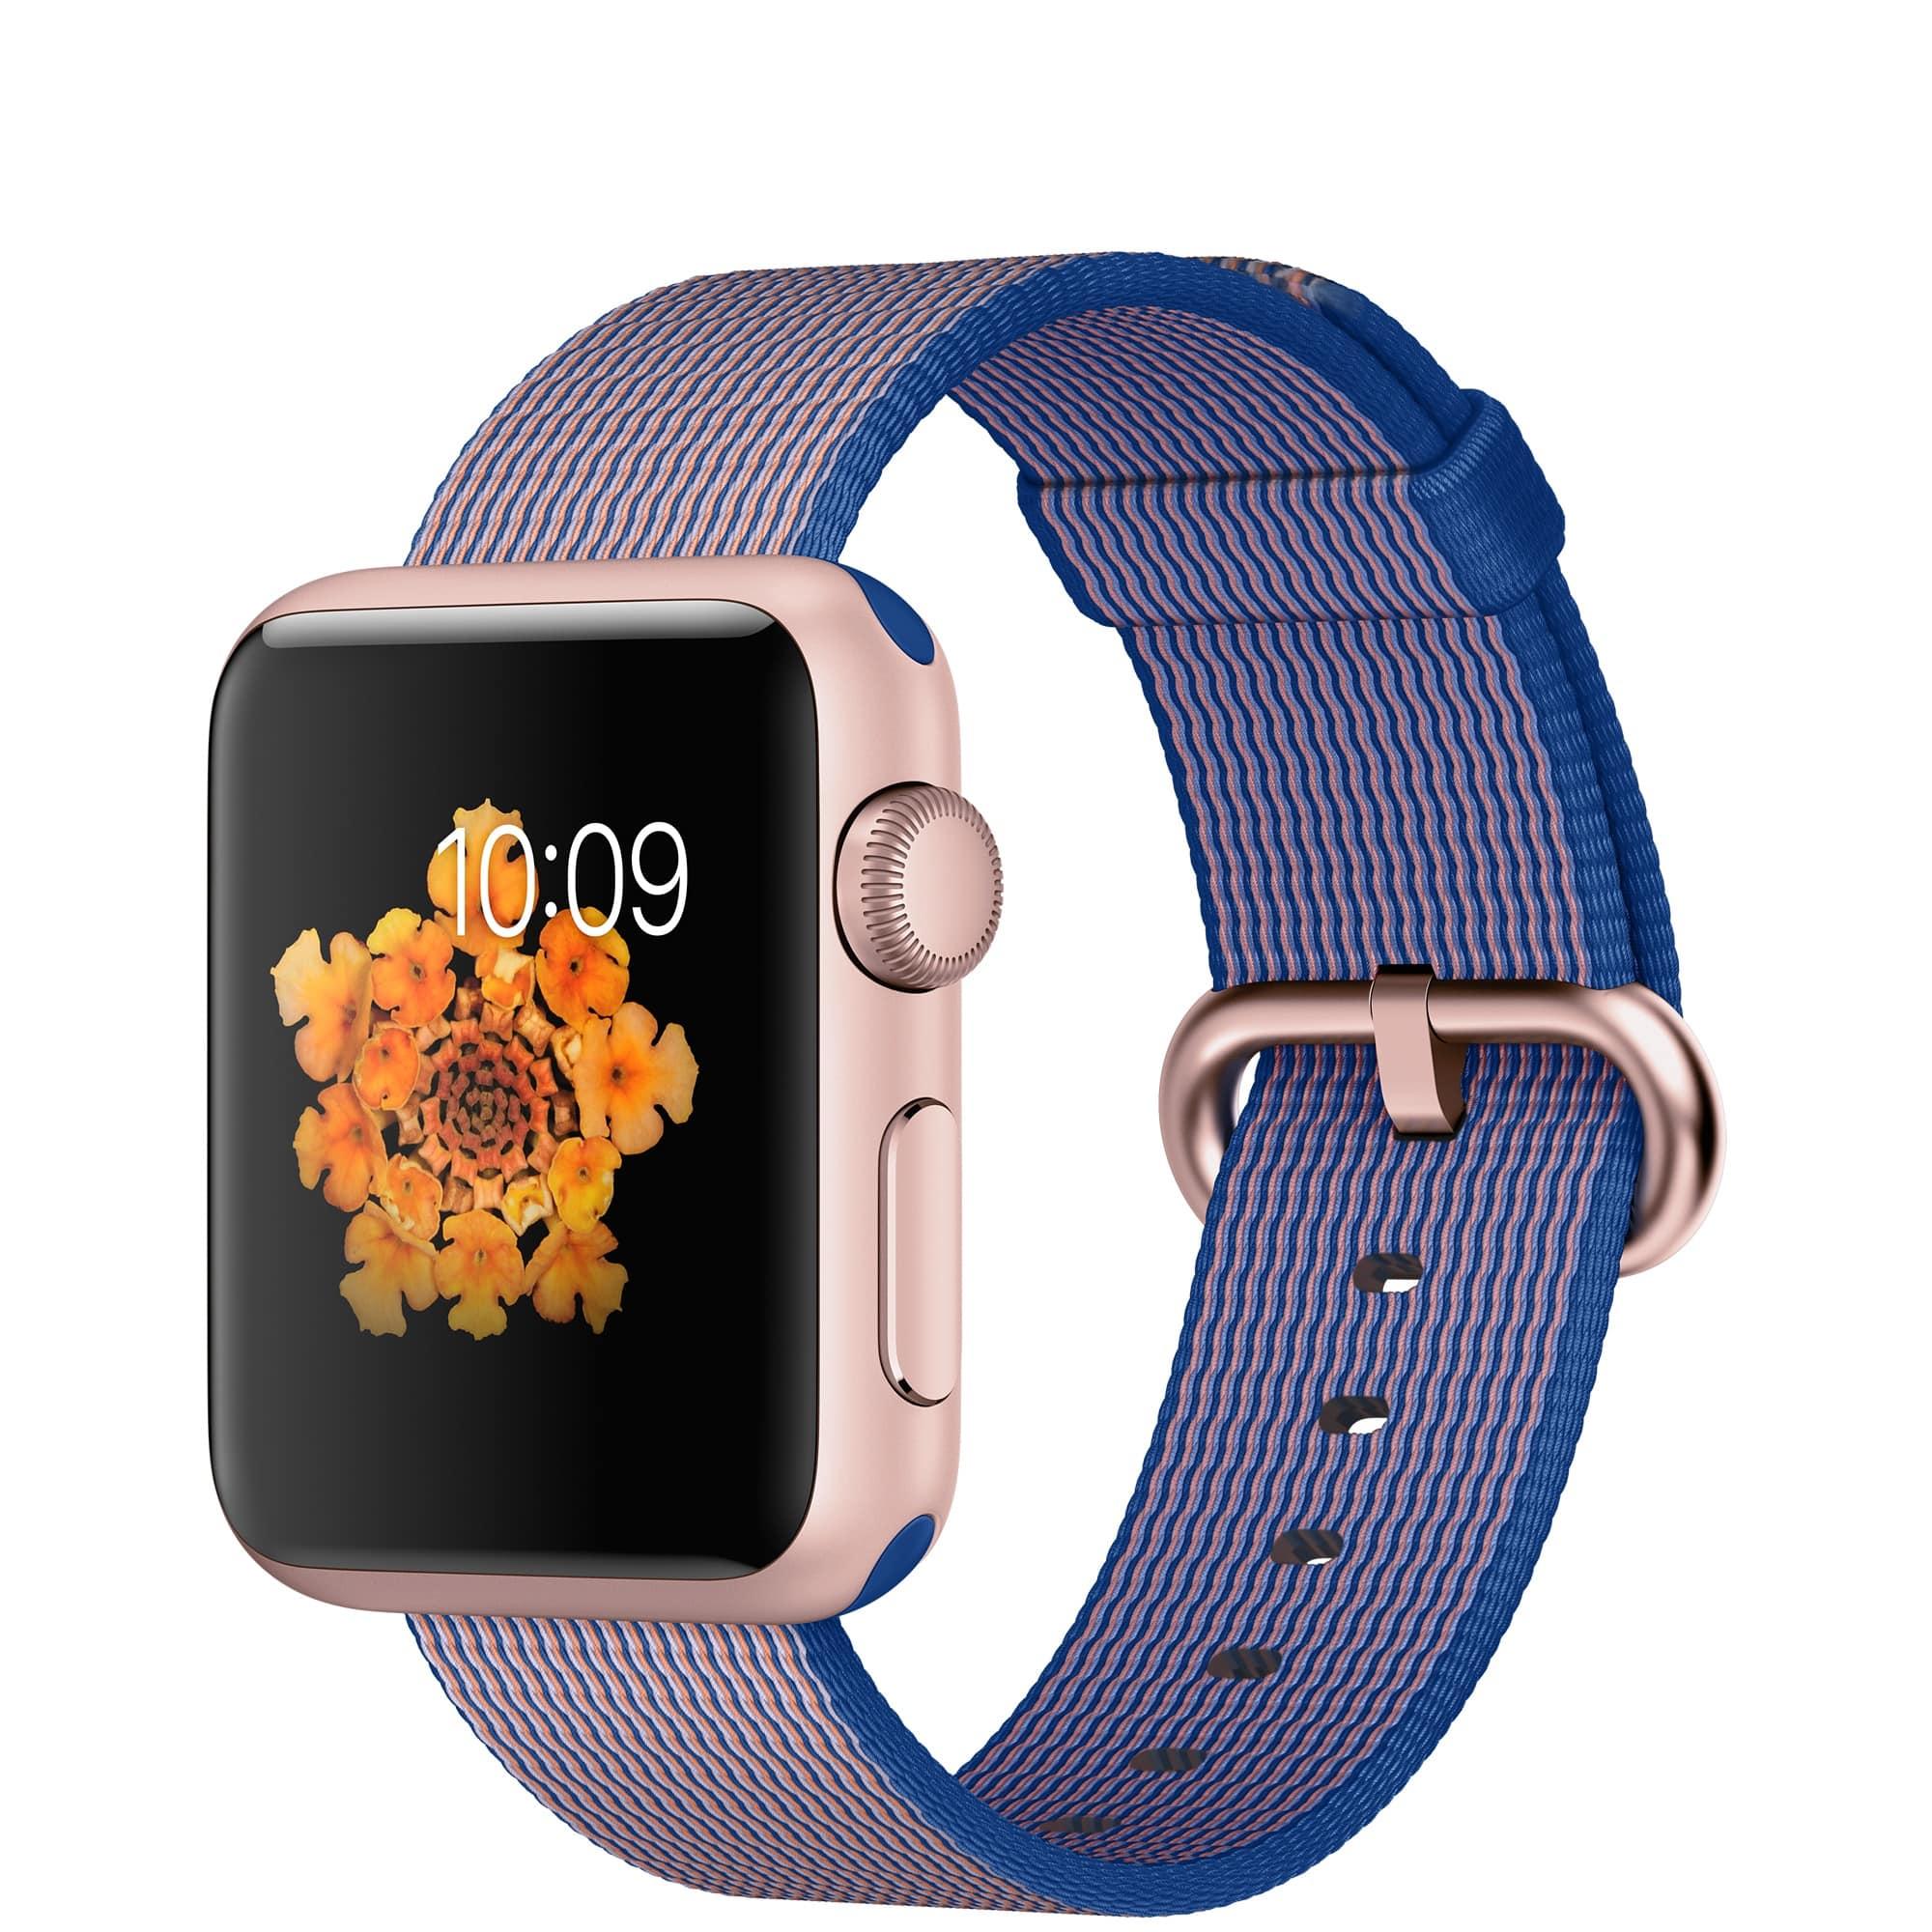 Apple Watch Sport für 349,00 Euro